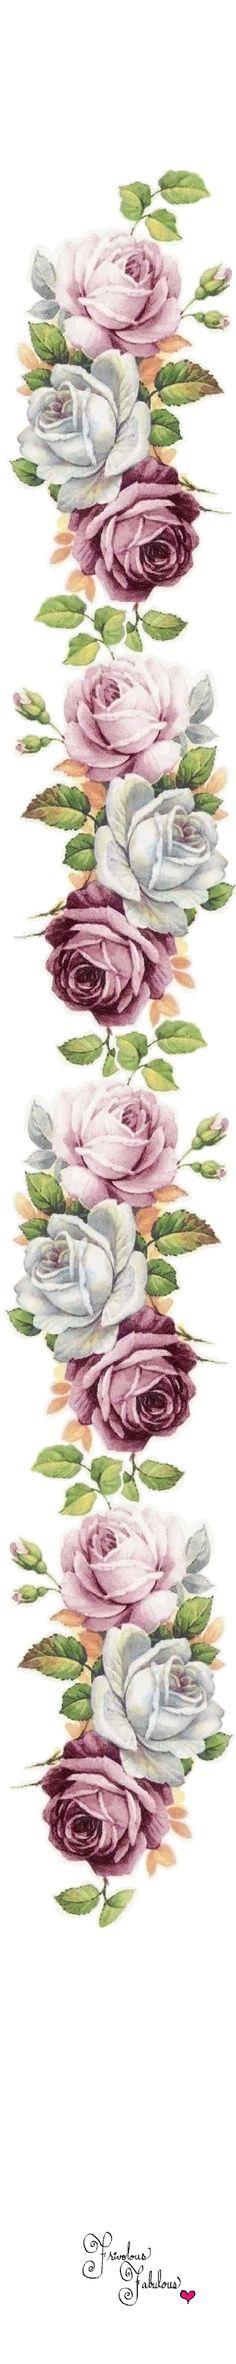 Frivolous Fabulous - Victorian Roses